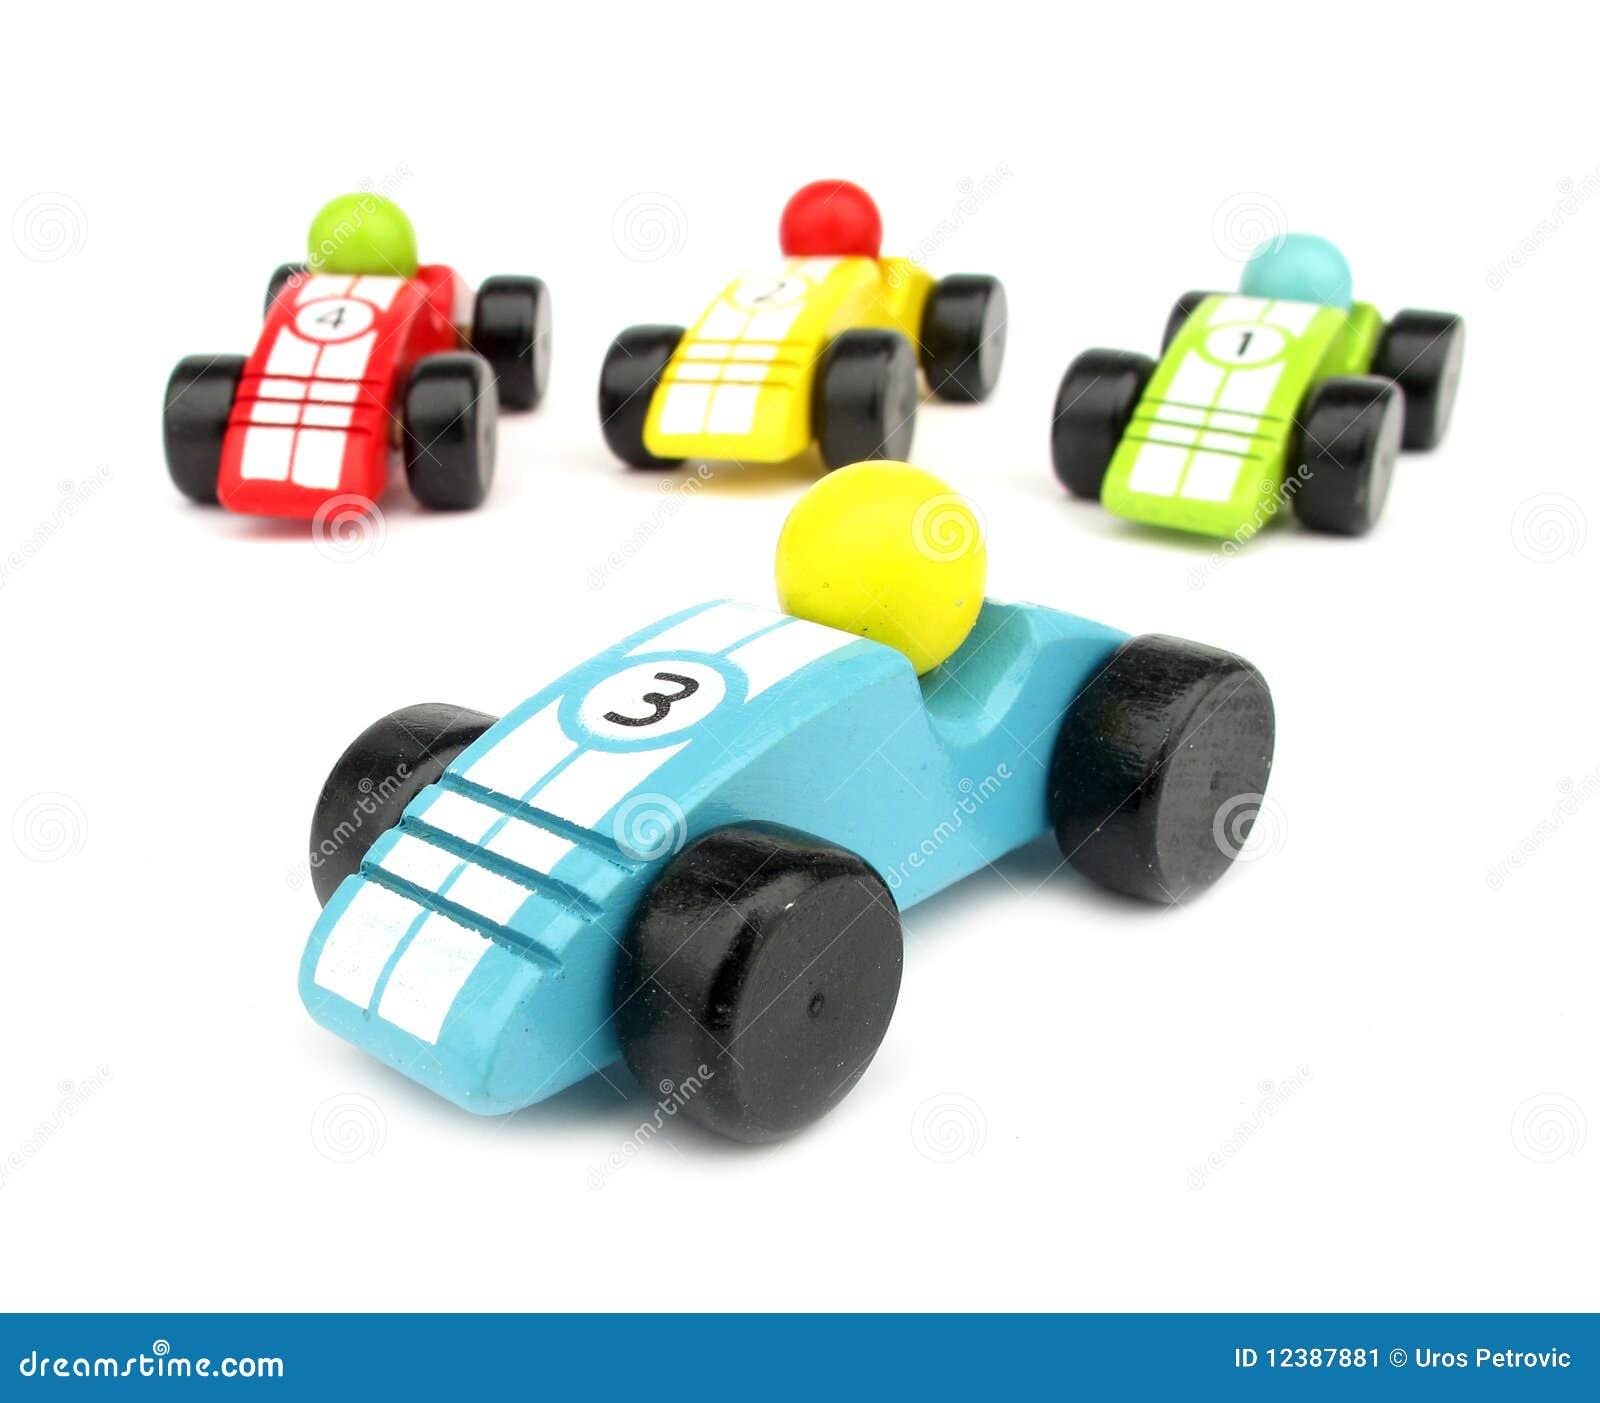 Toy Car Holder Truck : Macchine da corsa di legno dei giocattoli immagine stock